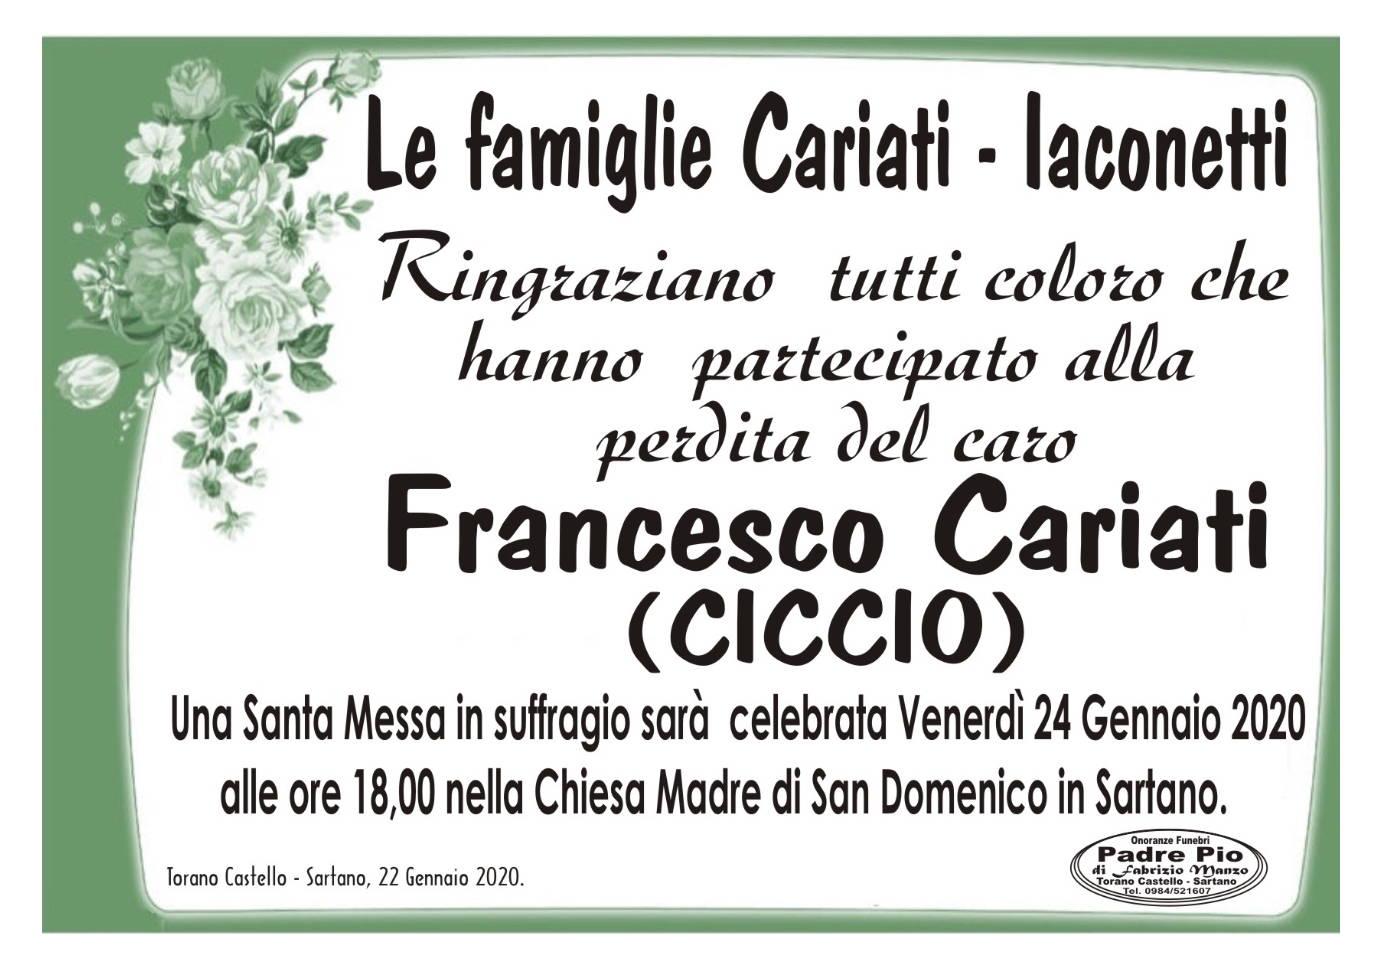 Le Famiglie Cariati ~ Iaconetti